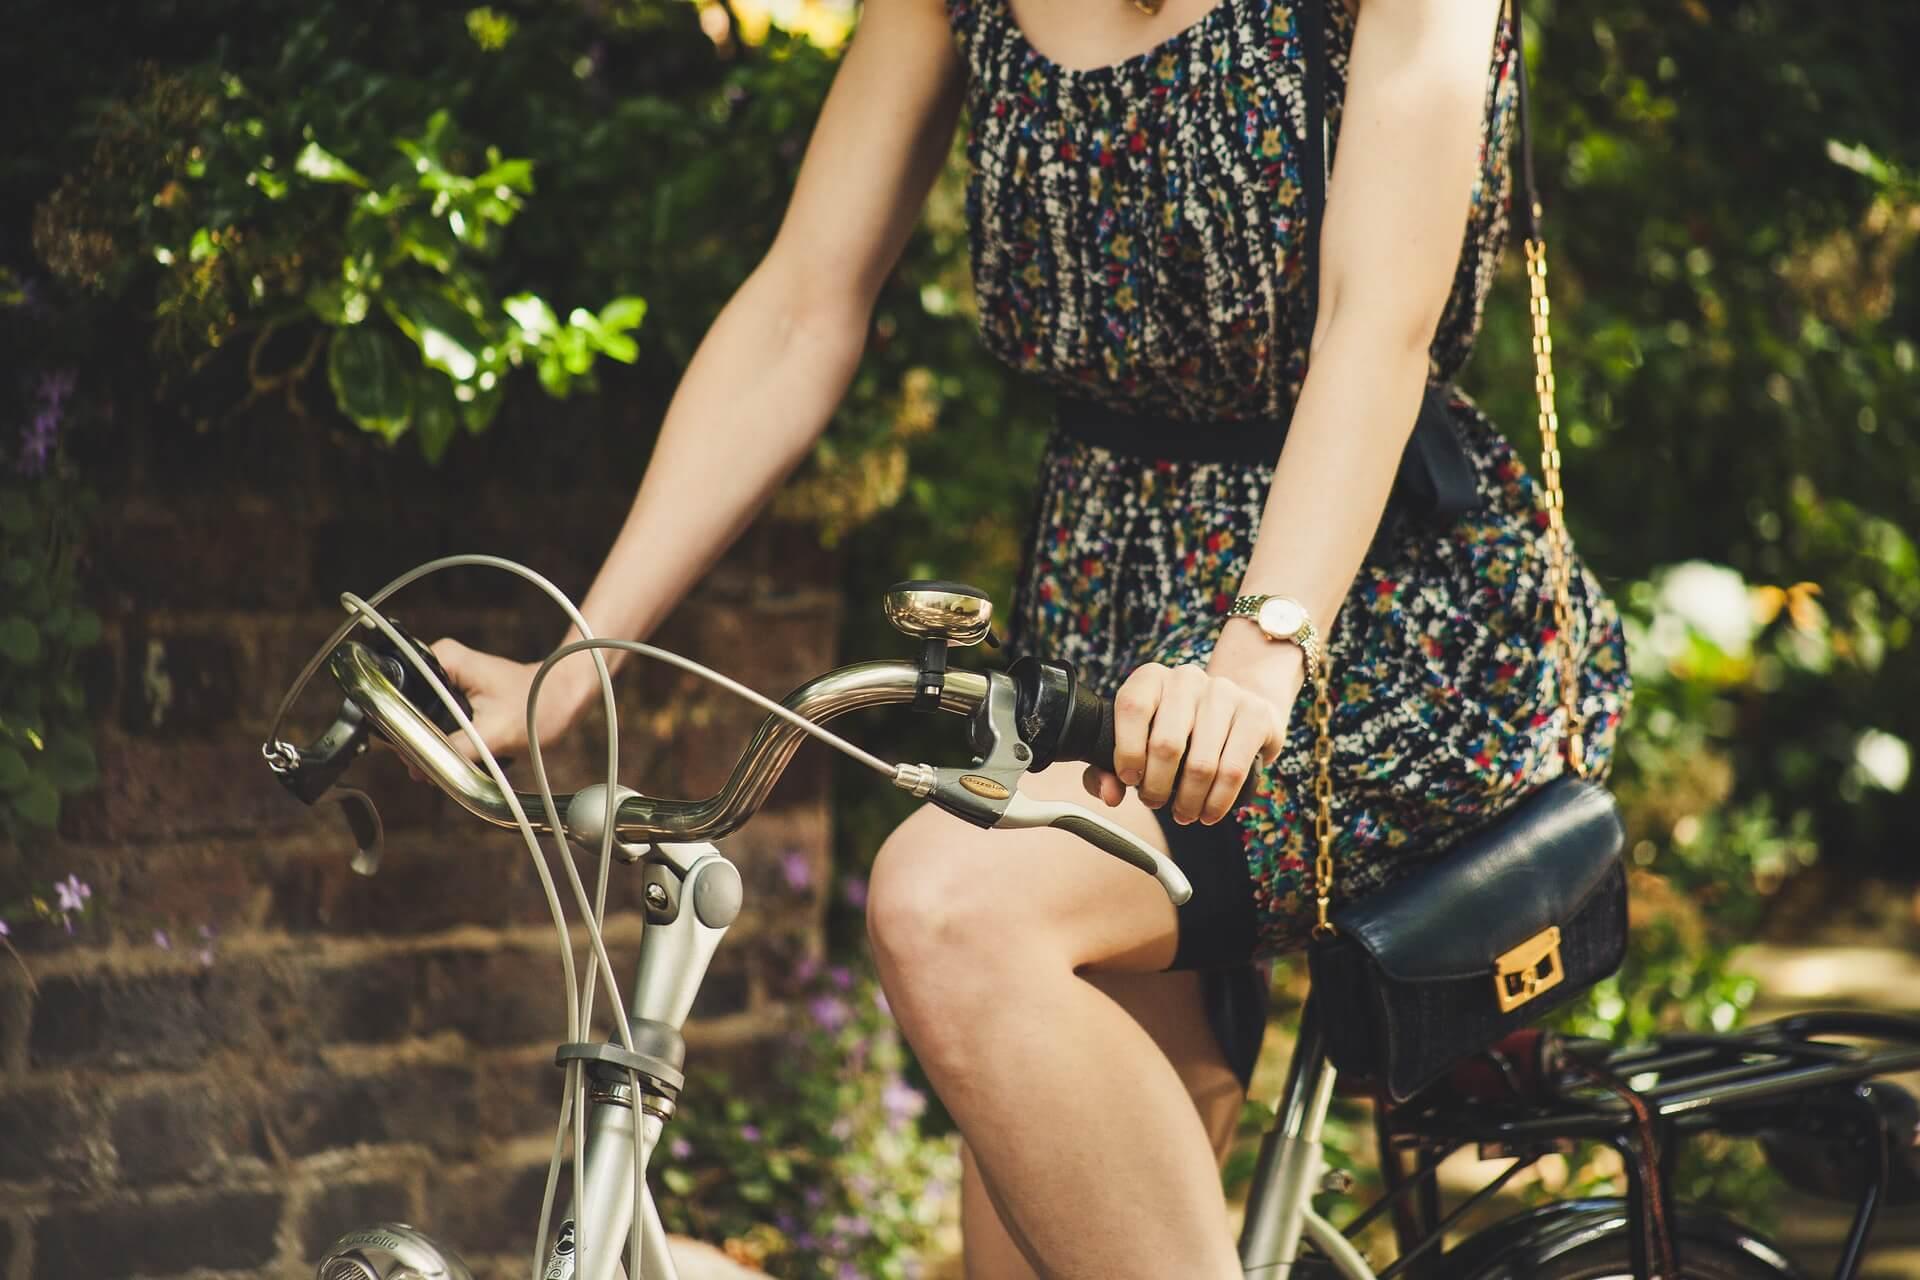 הגשמה רכיבה על אופניים (1) (1) (1)